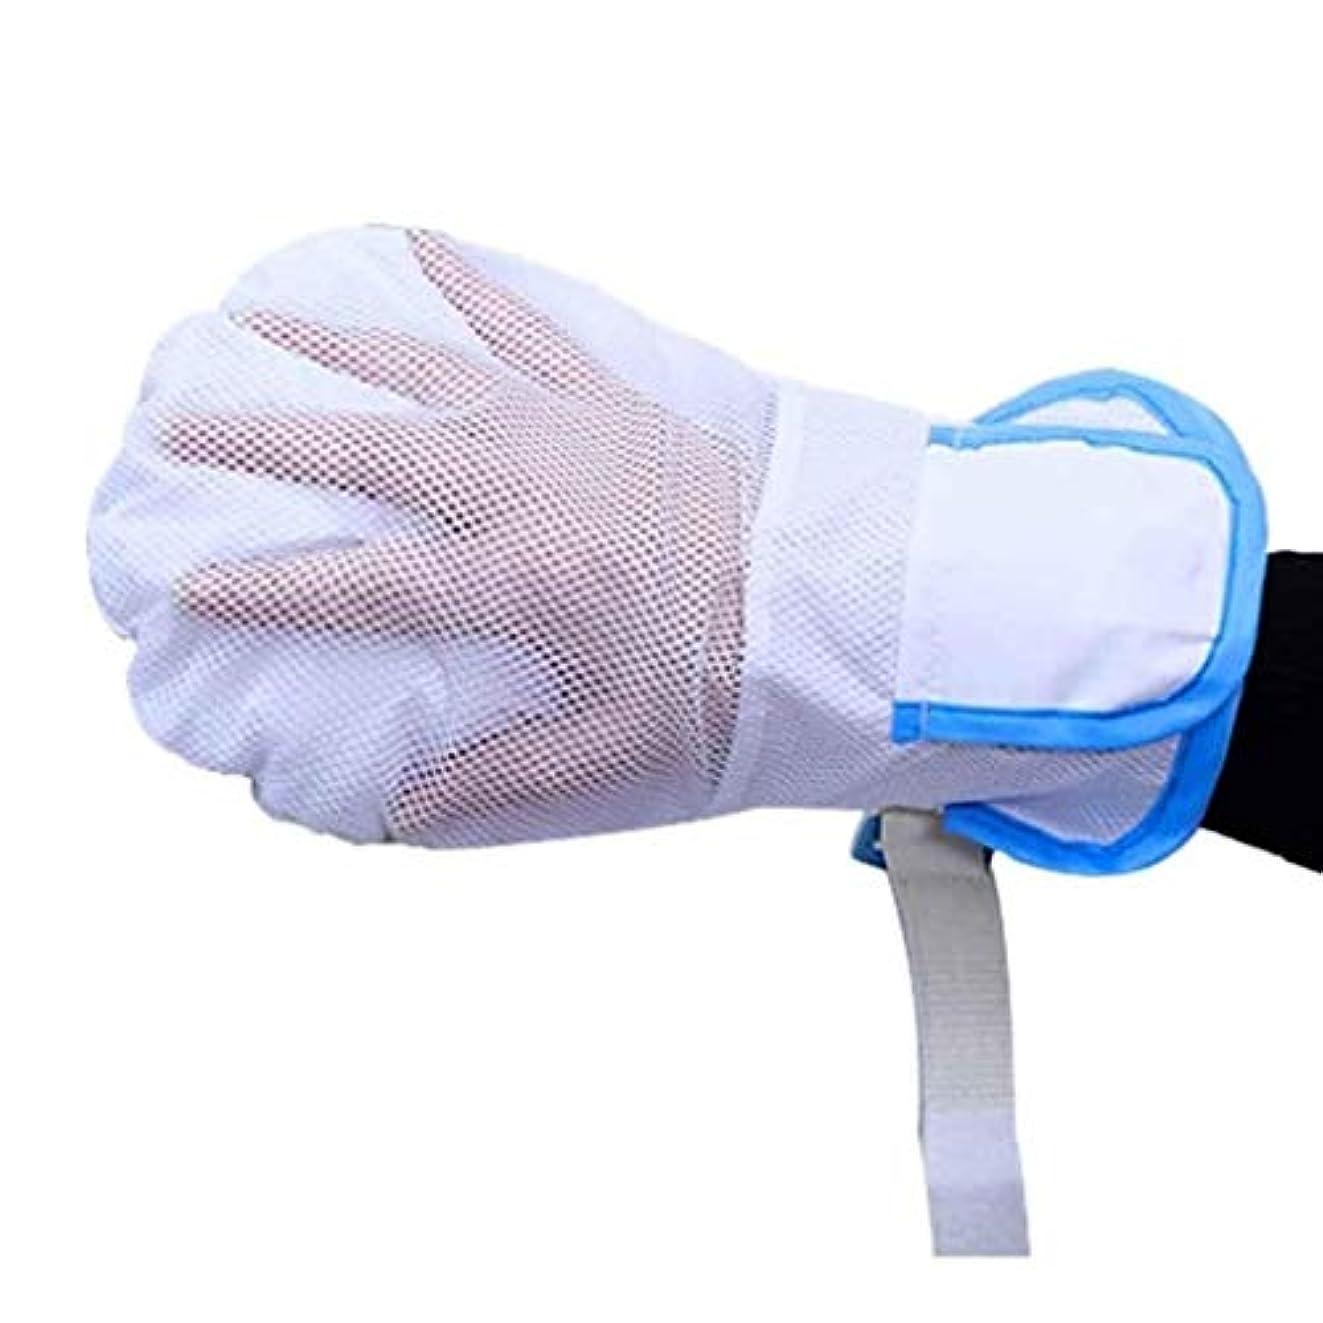 直接ワイン対処するフィンガーコントロールミット 医療用防護服患者用手感染プロテクターパッド入りミットは高齢者のための指の害を防ぐための手袋を防ぎます